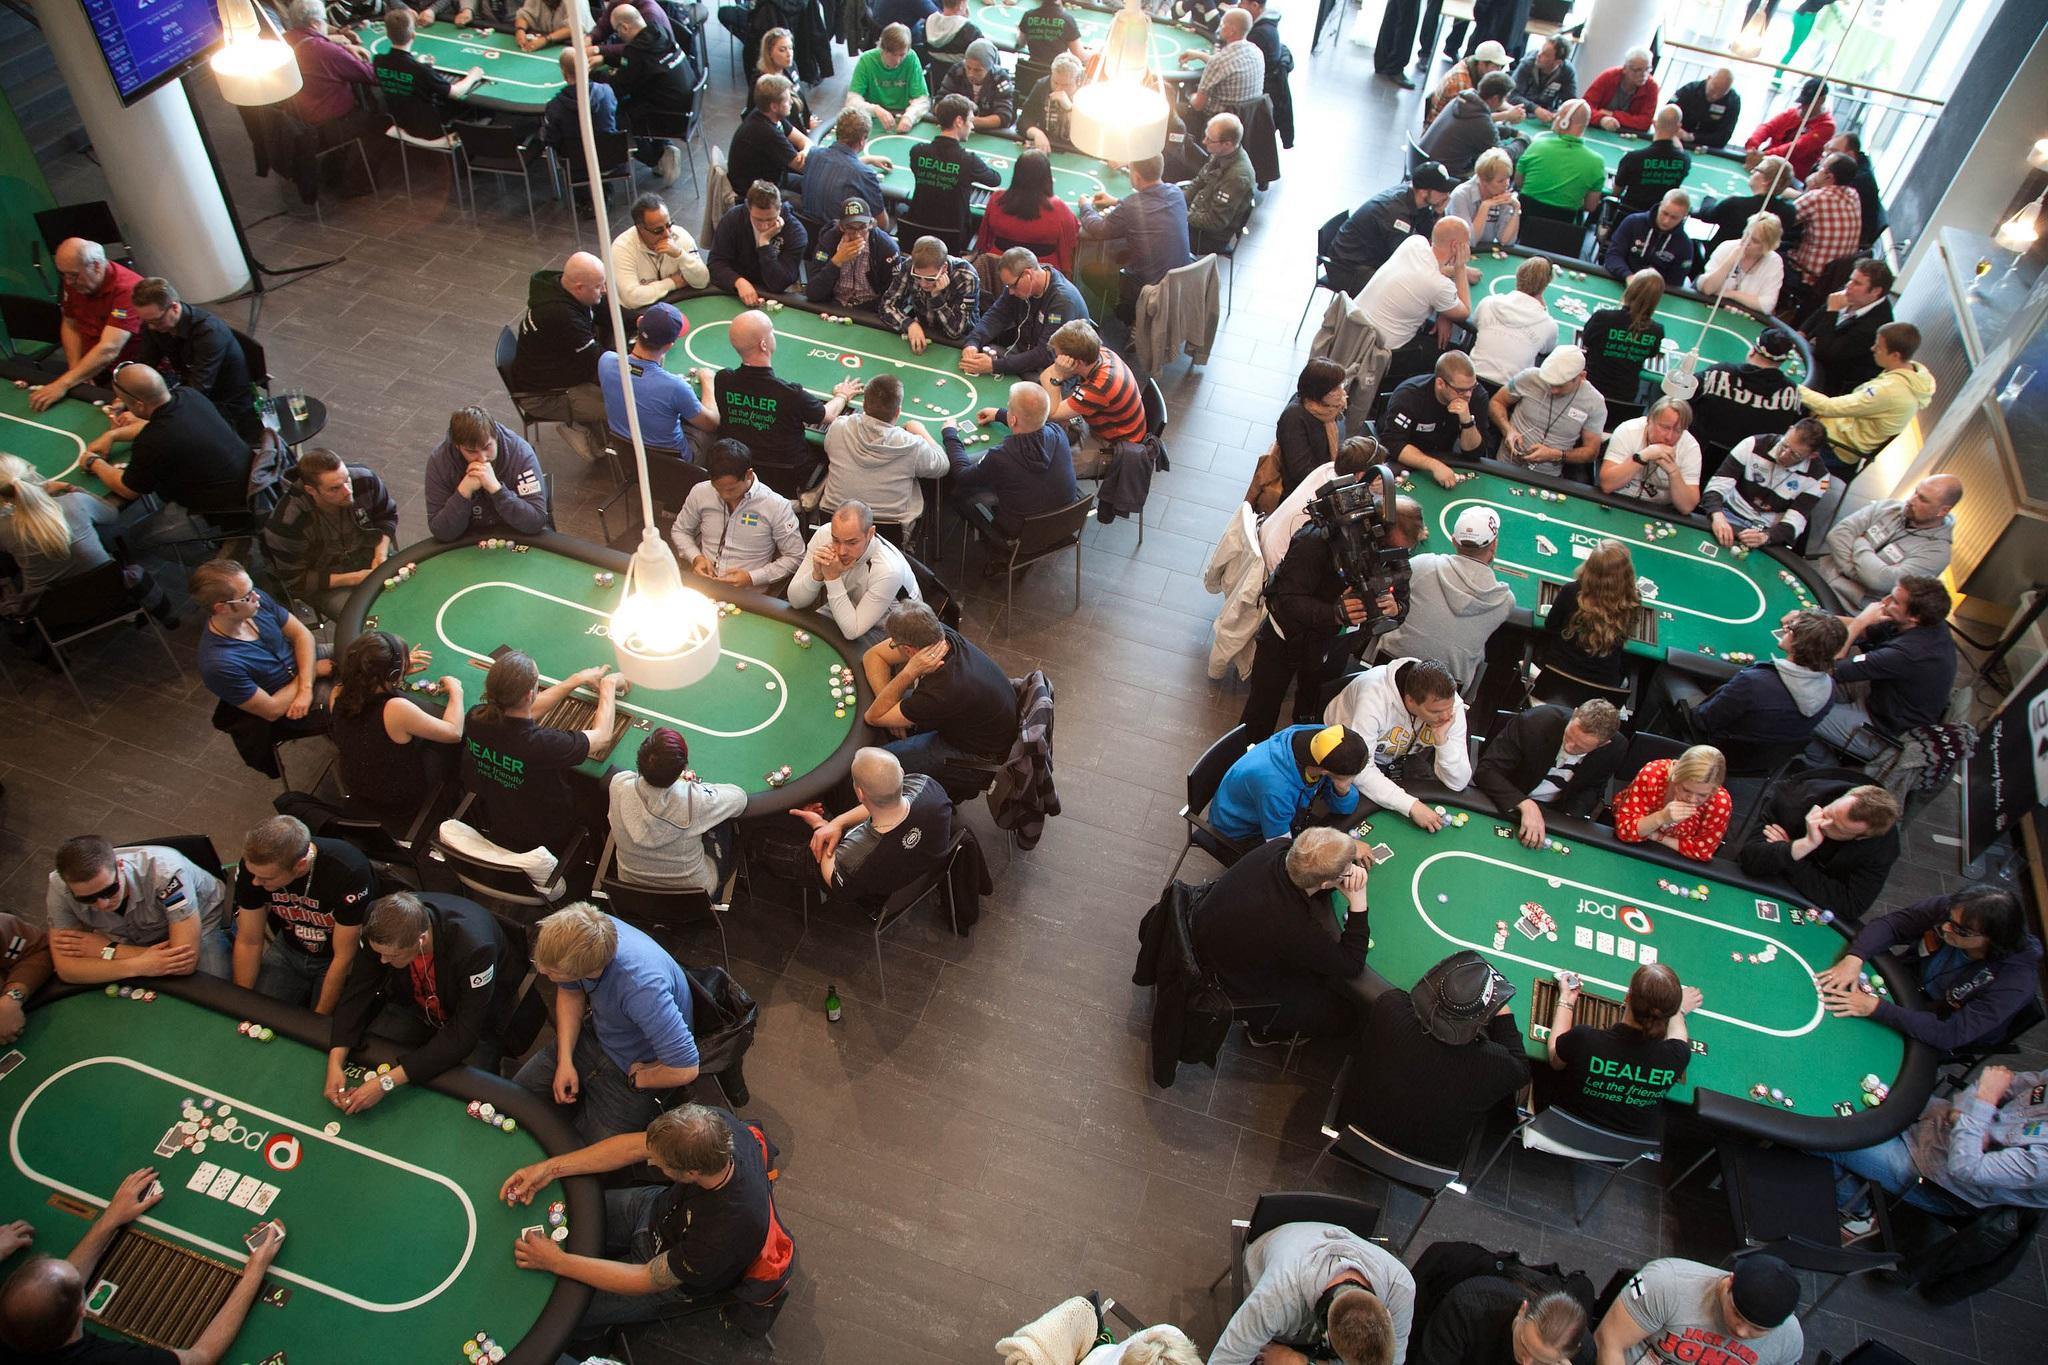 11174450557868 De 'juego de azar' 'deporte de la mente': conozca la historia del poker